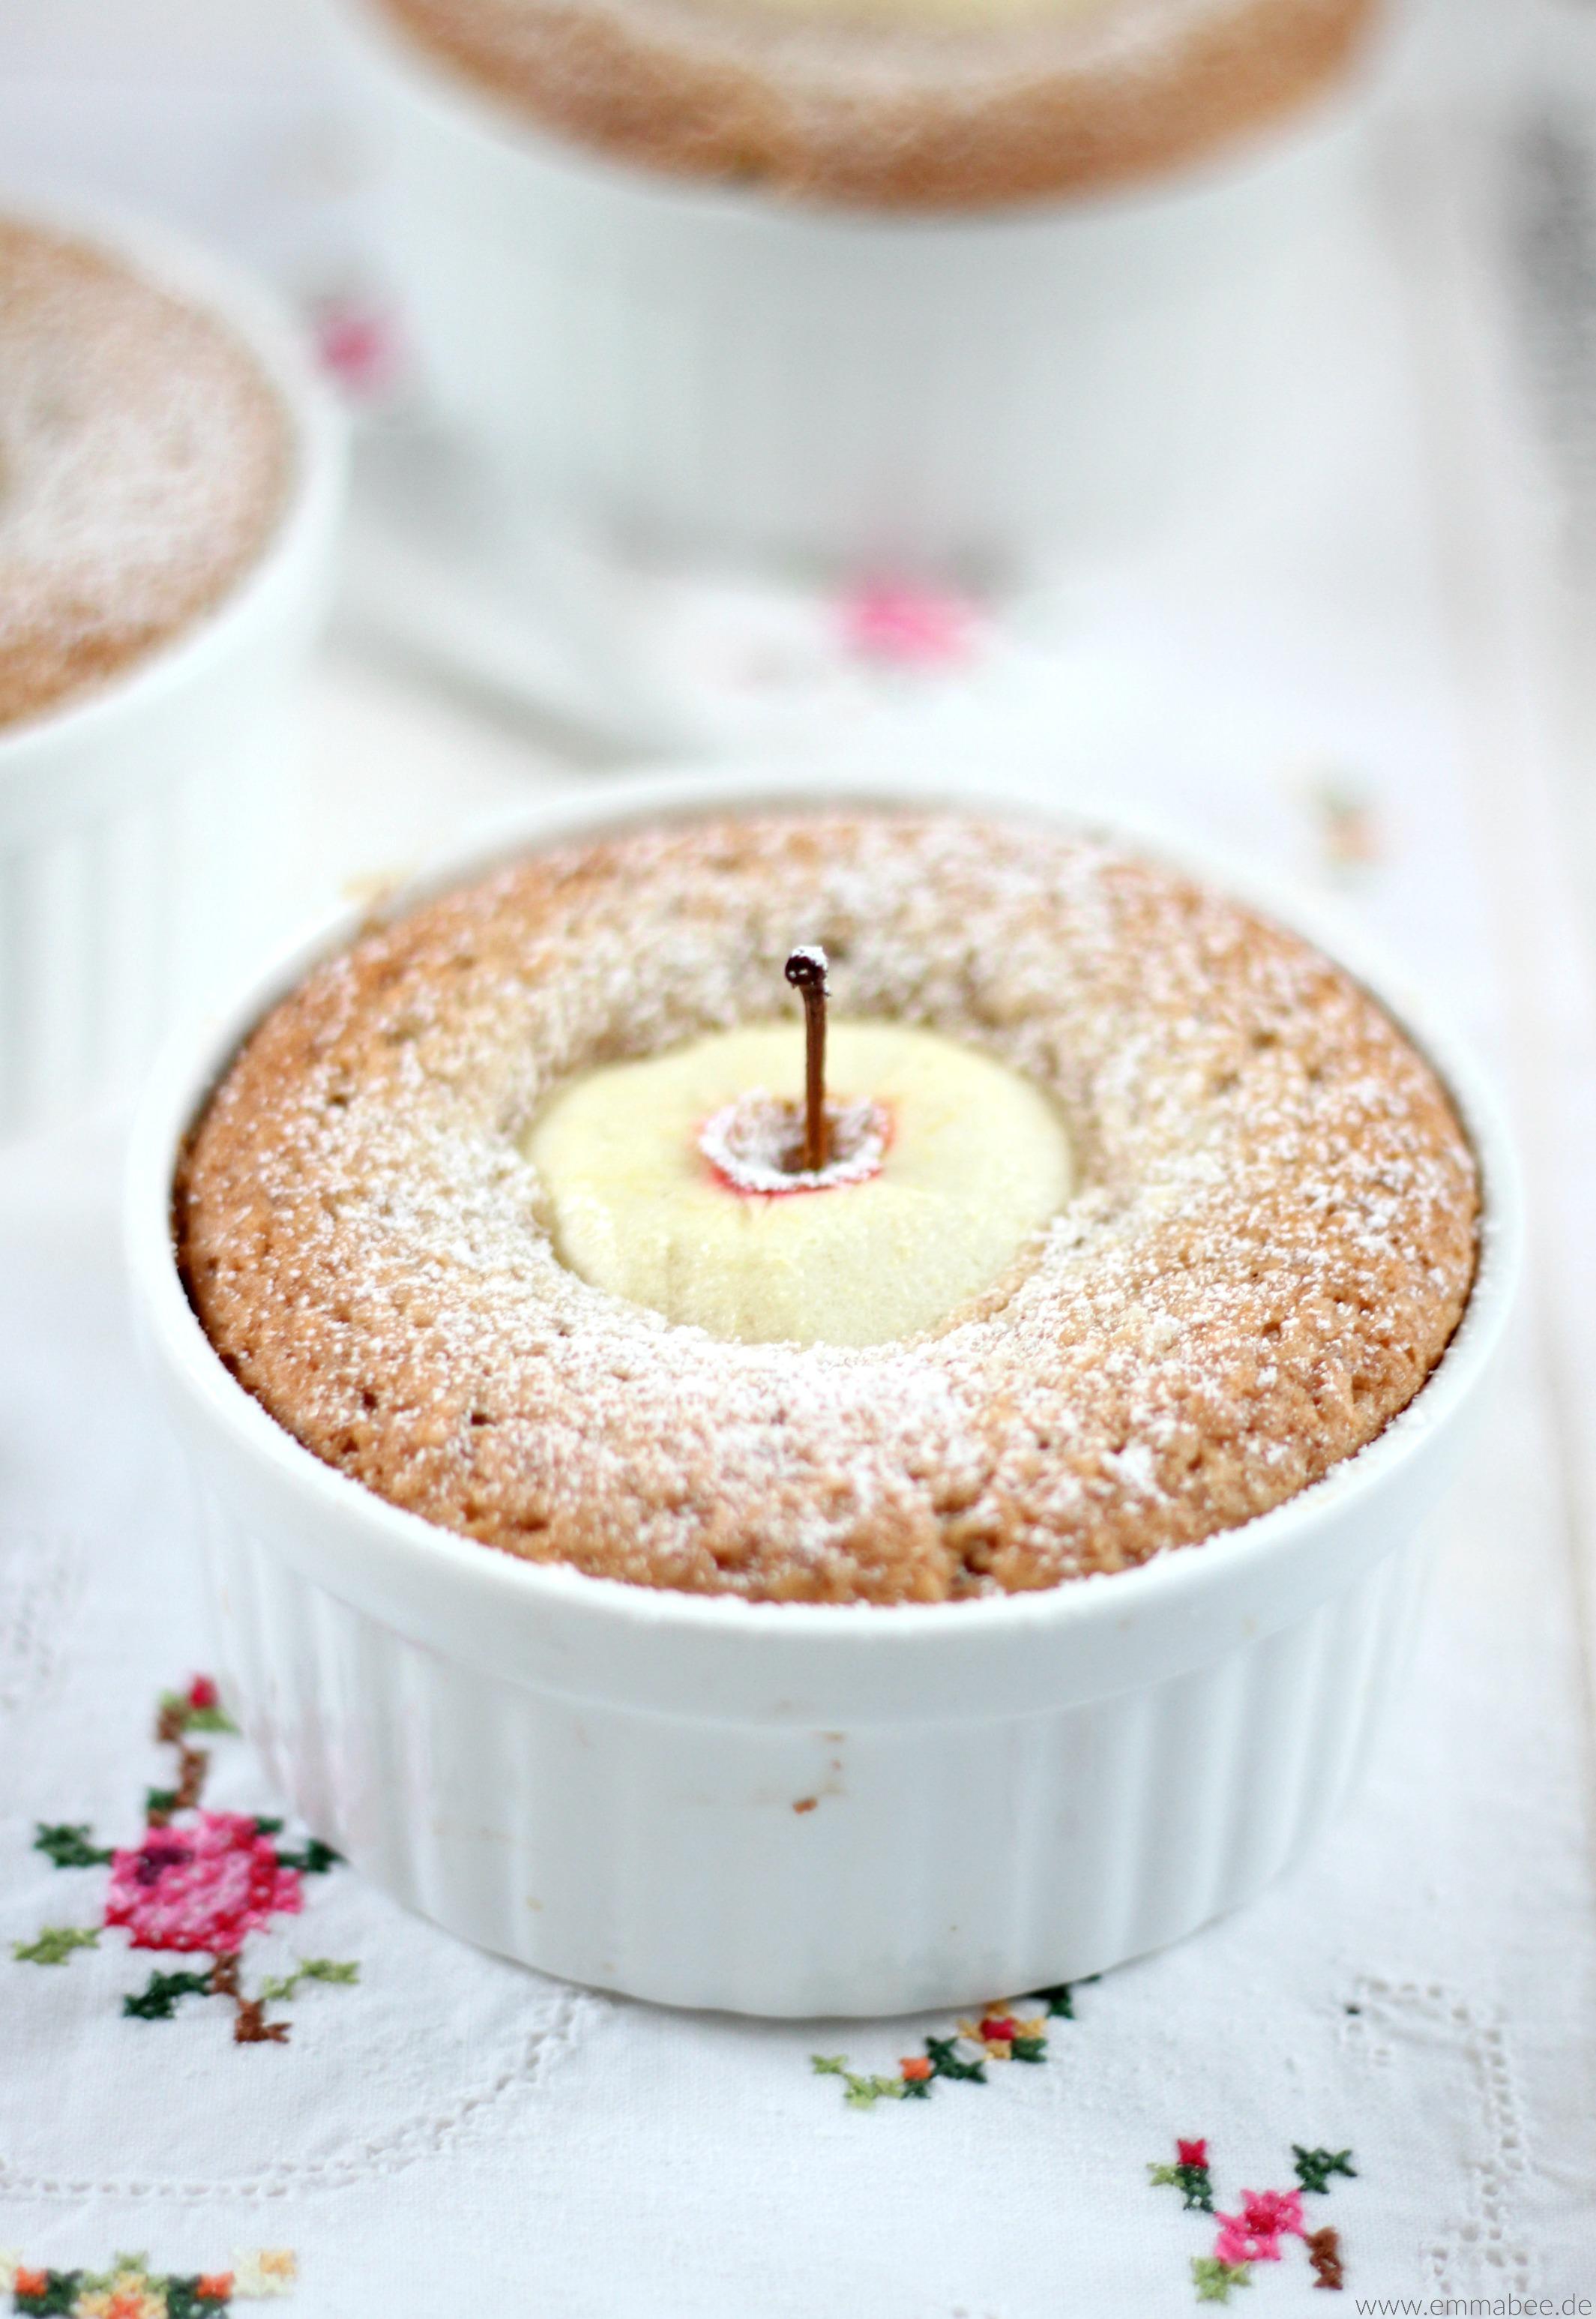 Bio Kuchenfür Bratapfel Kuchen Kleine 6 dCrxoeBW